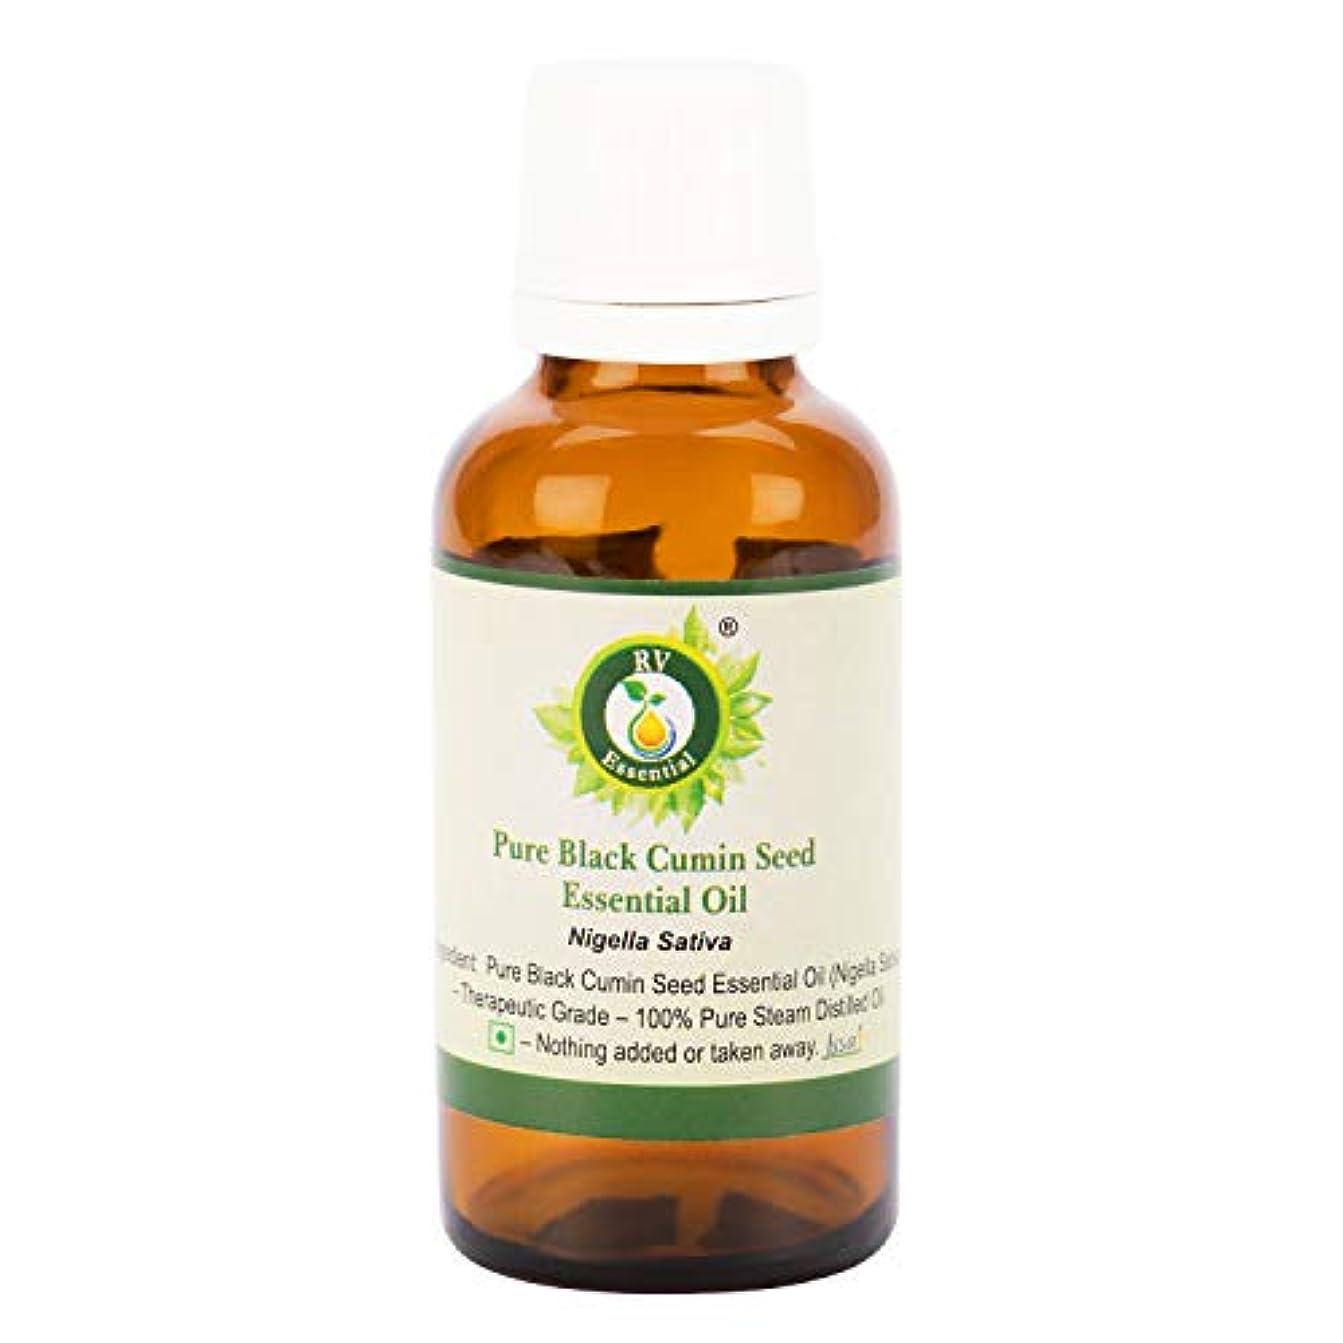 何普及ソースピュアブラッククミンシードエッセンシャルオイル5ml (0.169oz)- Nigella Sativa (100%純粋&天然スチームDistilled) Pure Black Cumin Seed Essential...